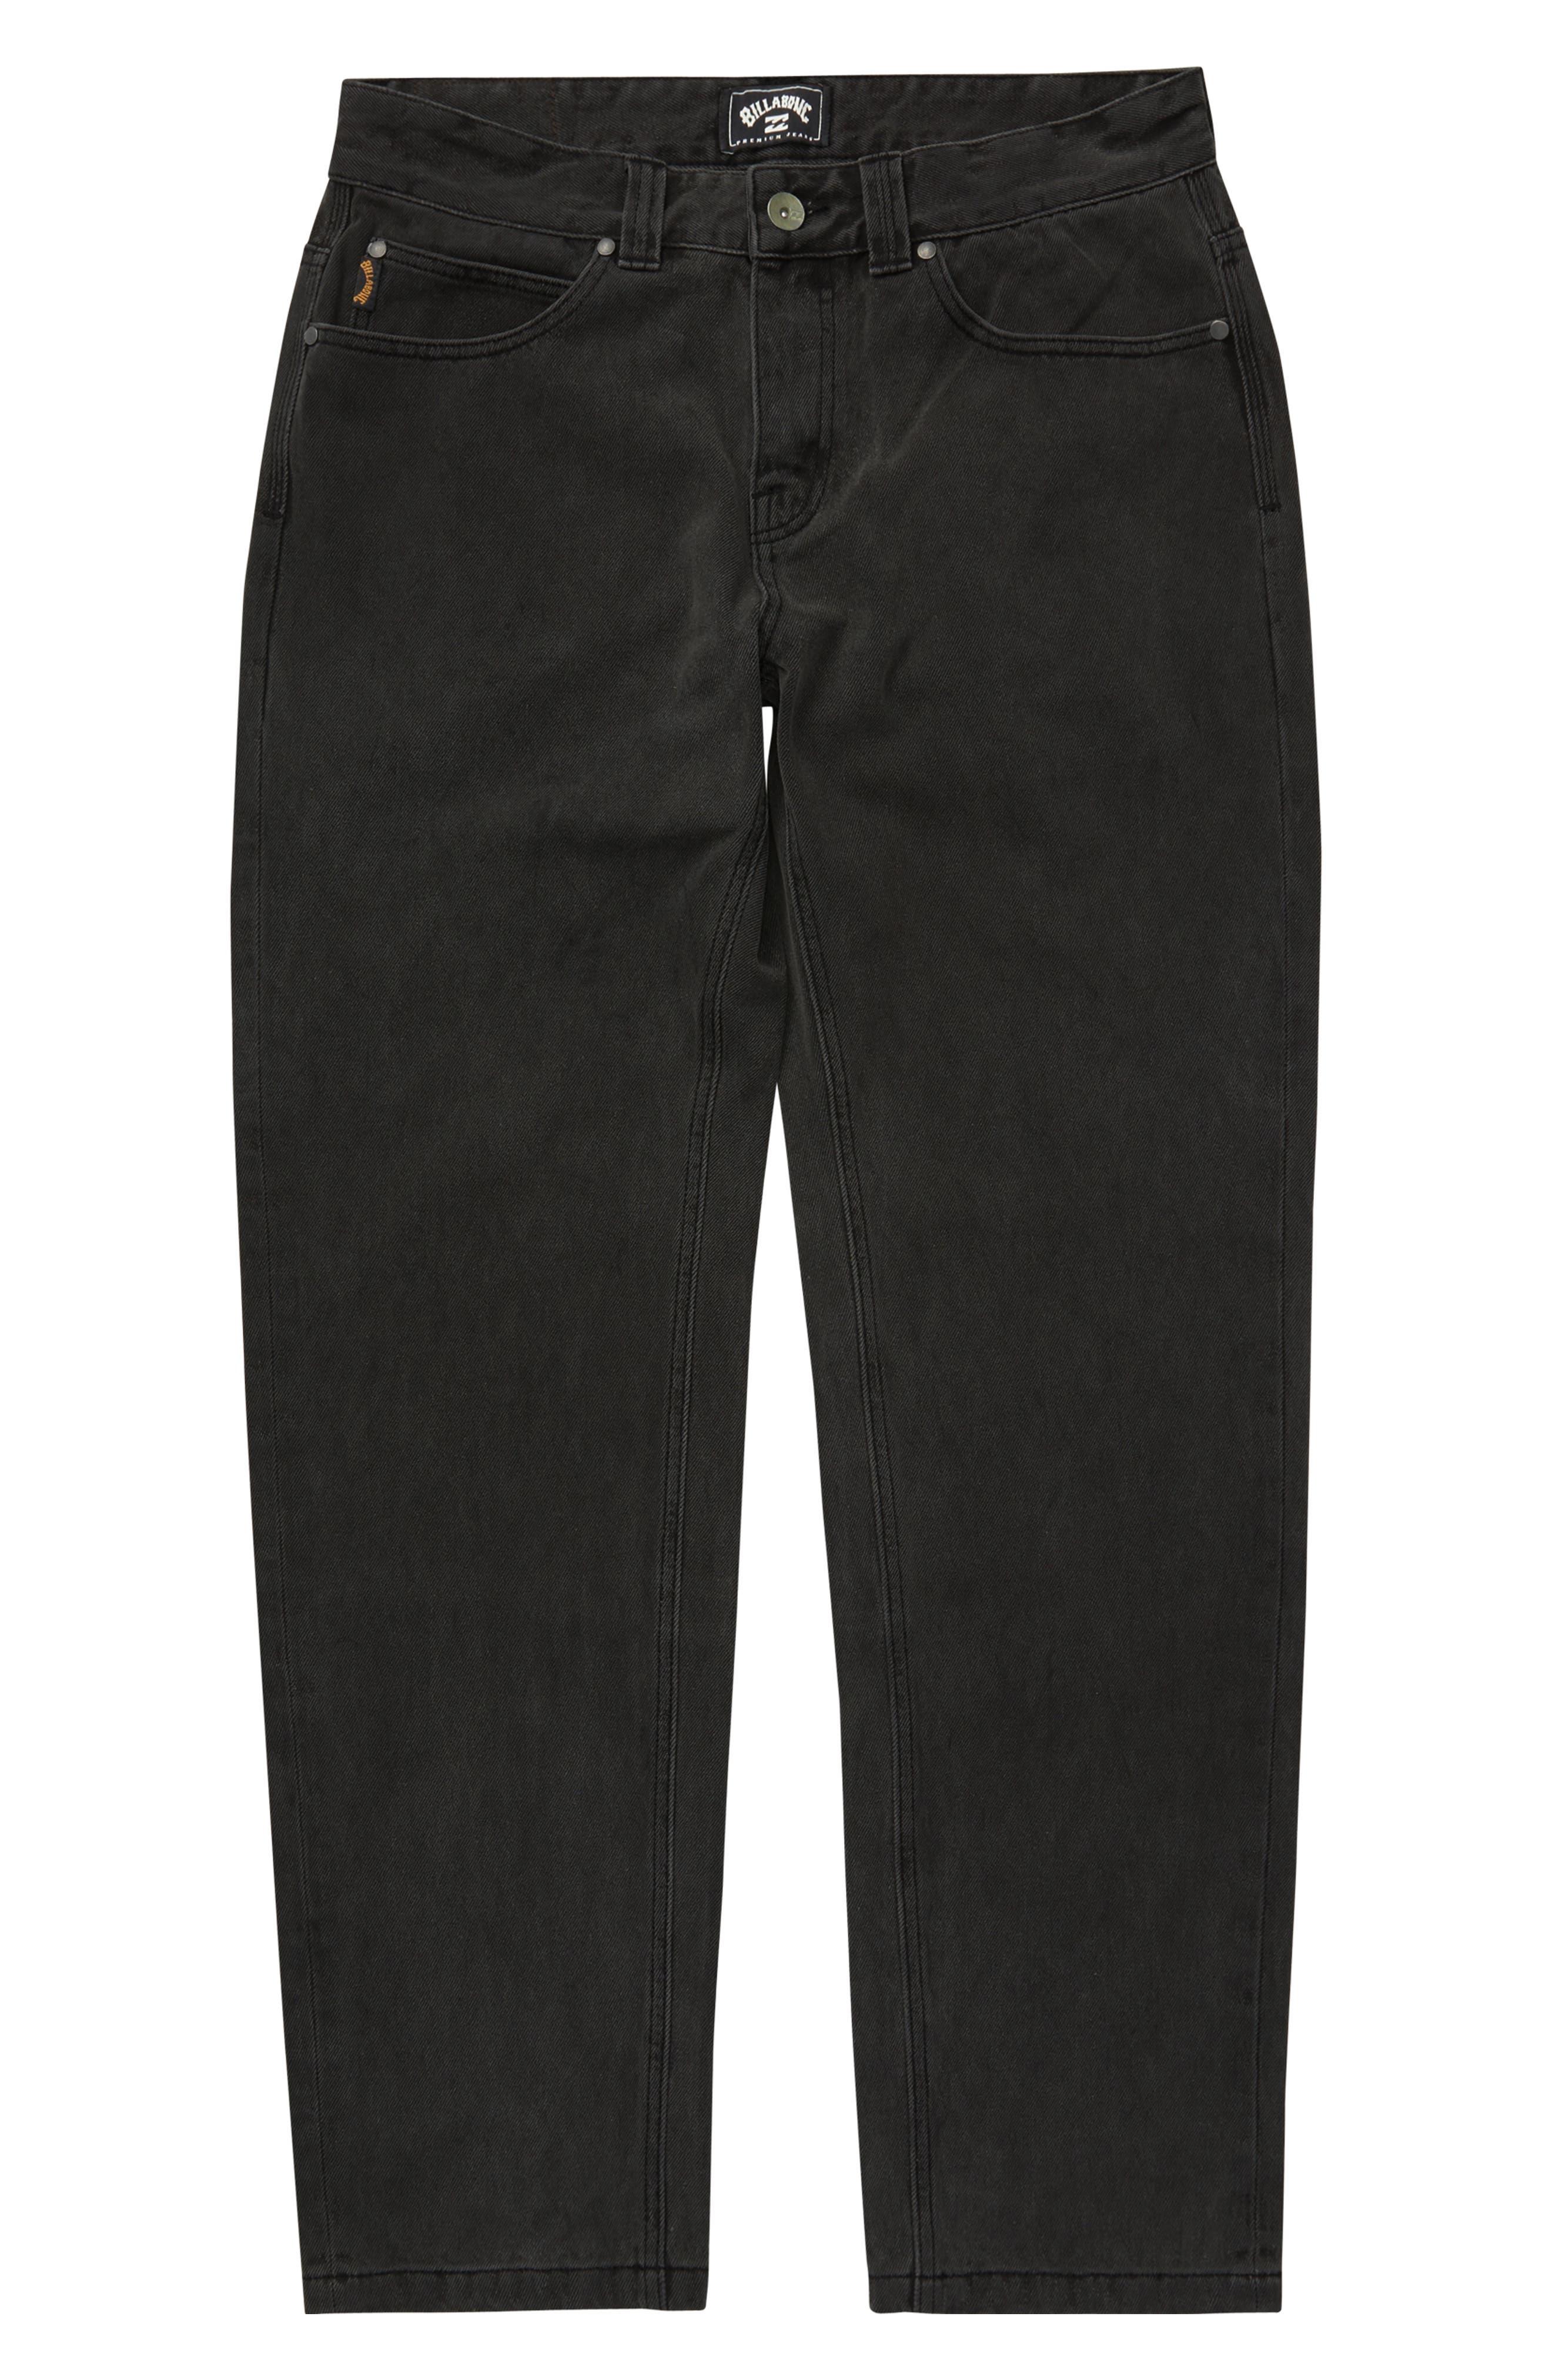 Toddler Boys Billabong Outsider Straight Leg Jeans Size 3T  Black